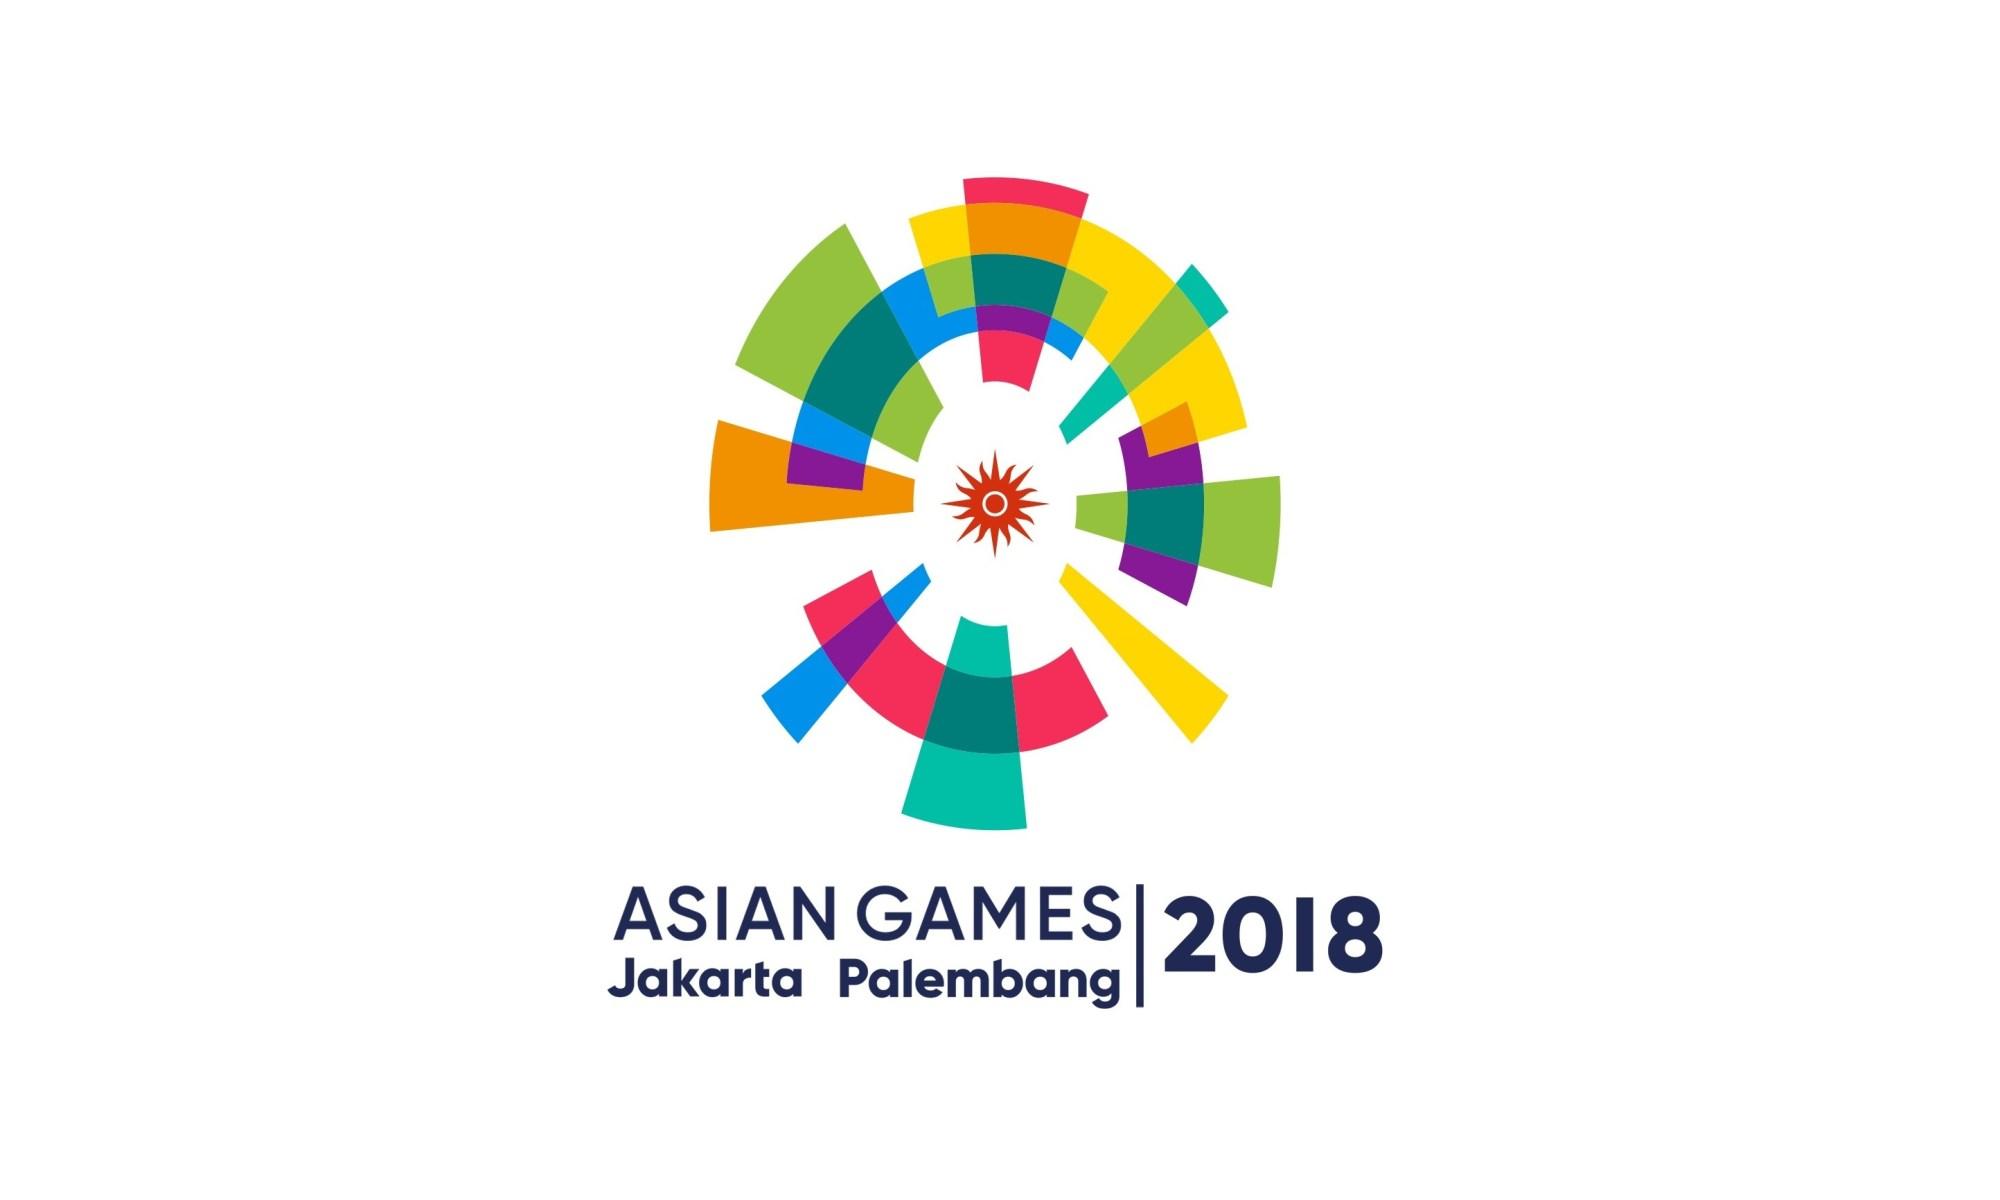 تاريخ اليابان في دورة الألعاب الآسيوية